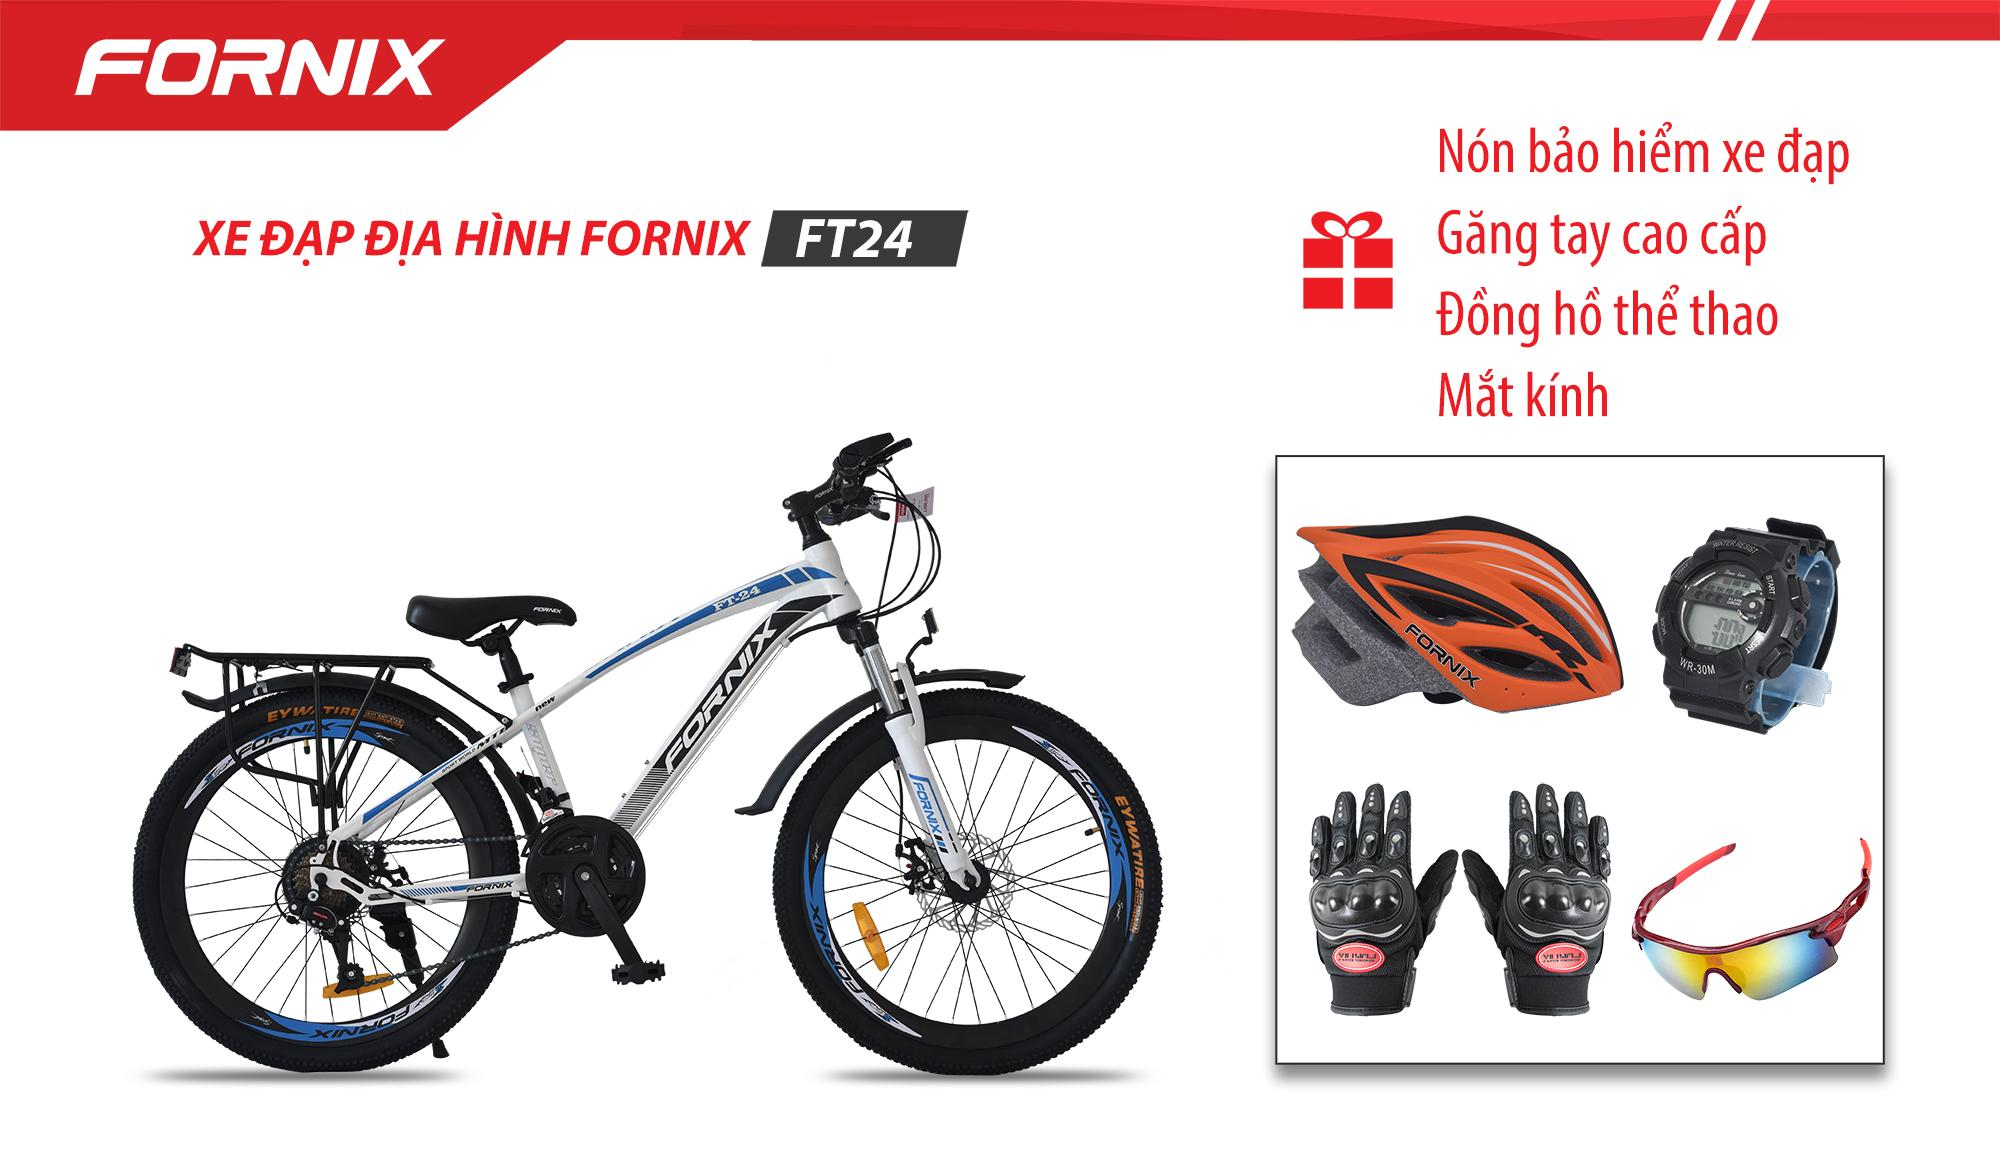 XE ĐẠP ĐỊA HÌNH FORNIX FT24+ (Gift) Mắt kính, Nón Bảo Hiểm A01NM1L